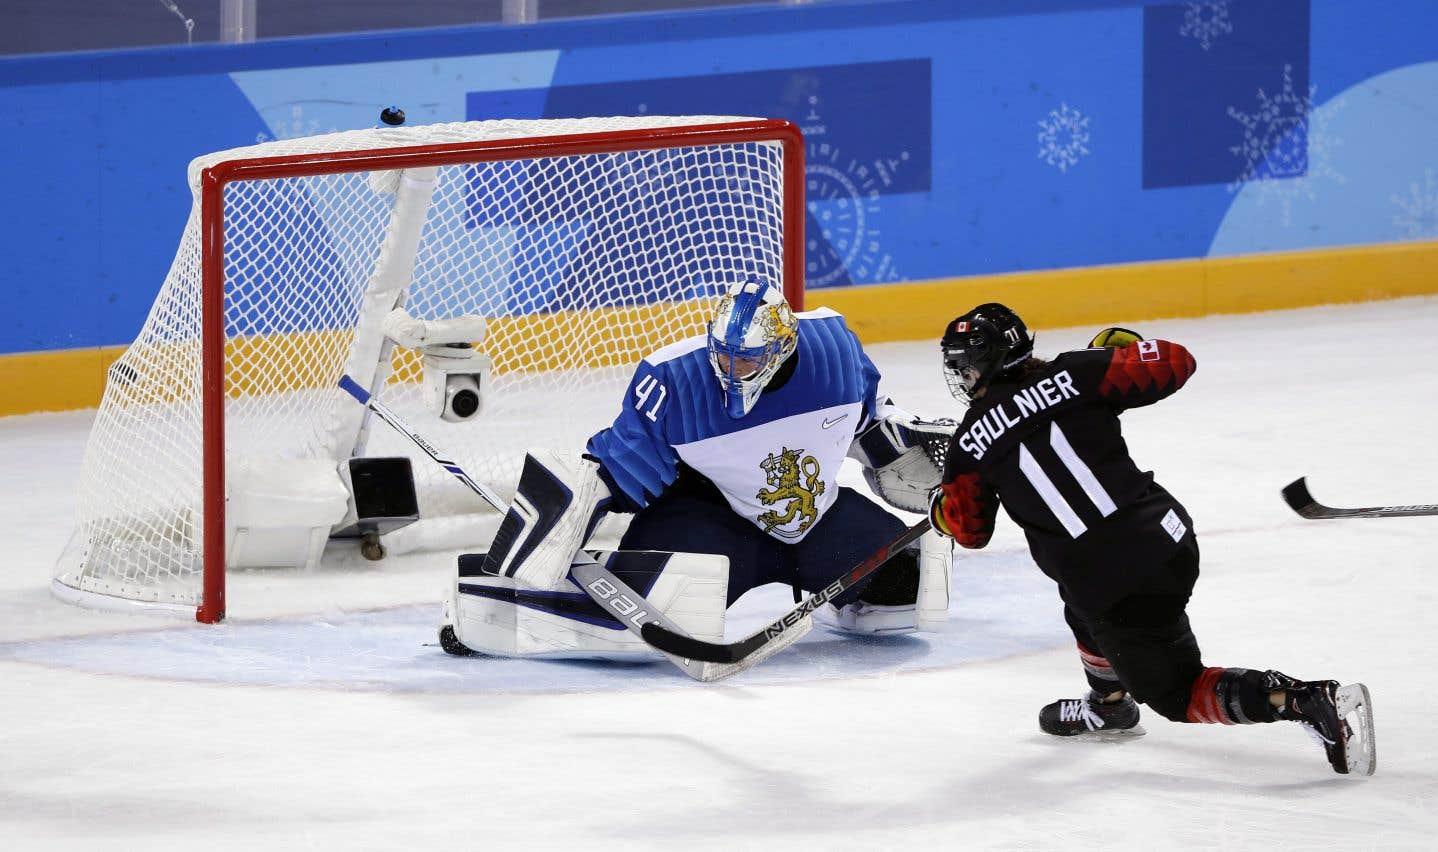 La joueuse canadienneJillian Saulnier marque un but en échappée en deuxième période.